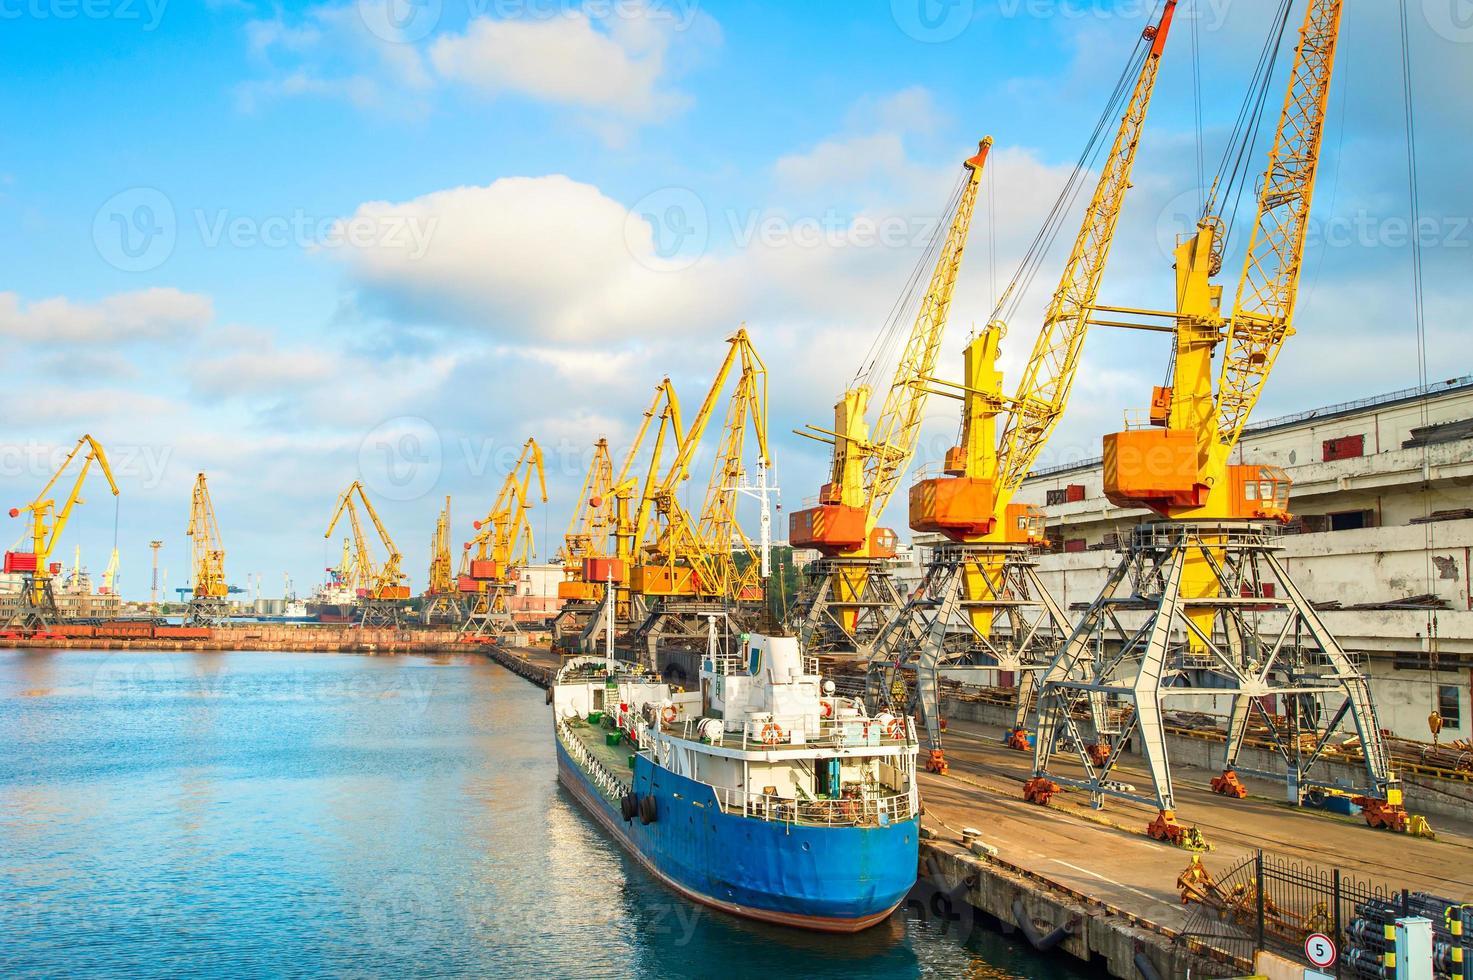 porto commerciale di Odessa, Ucraina foto